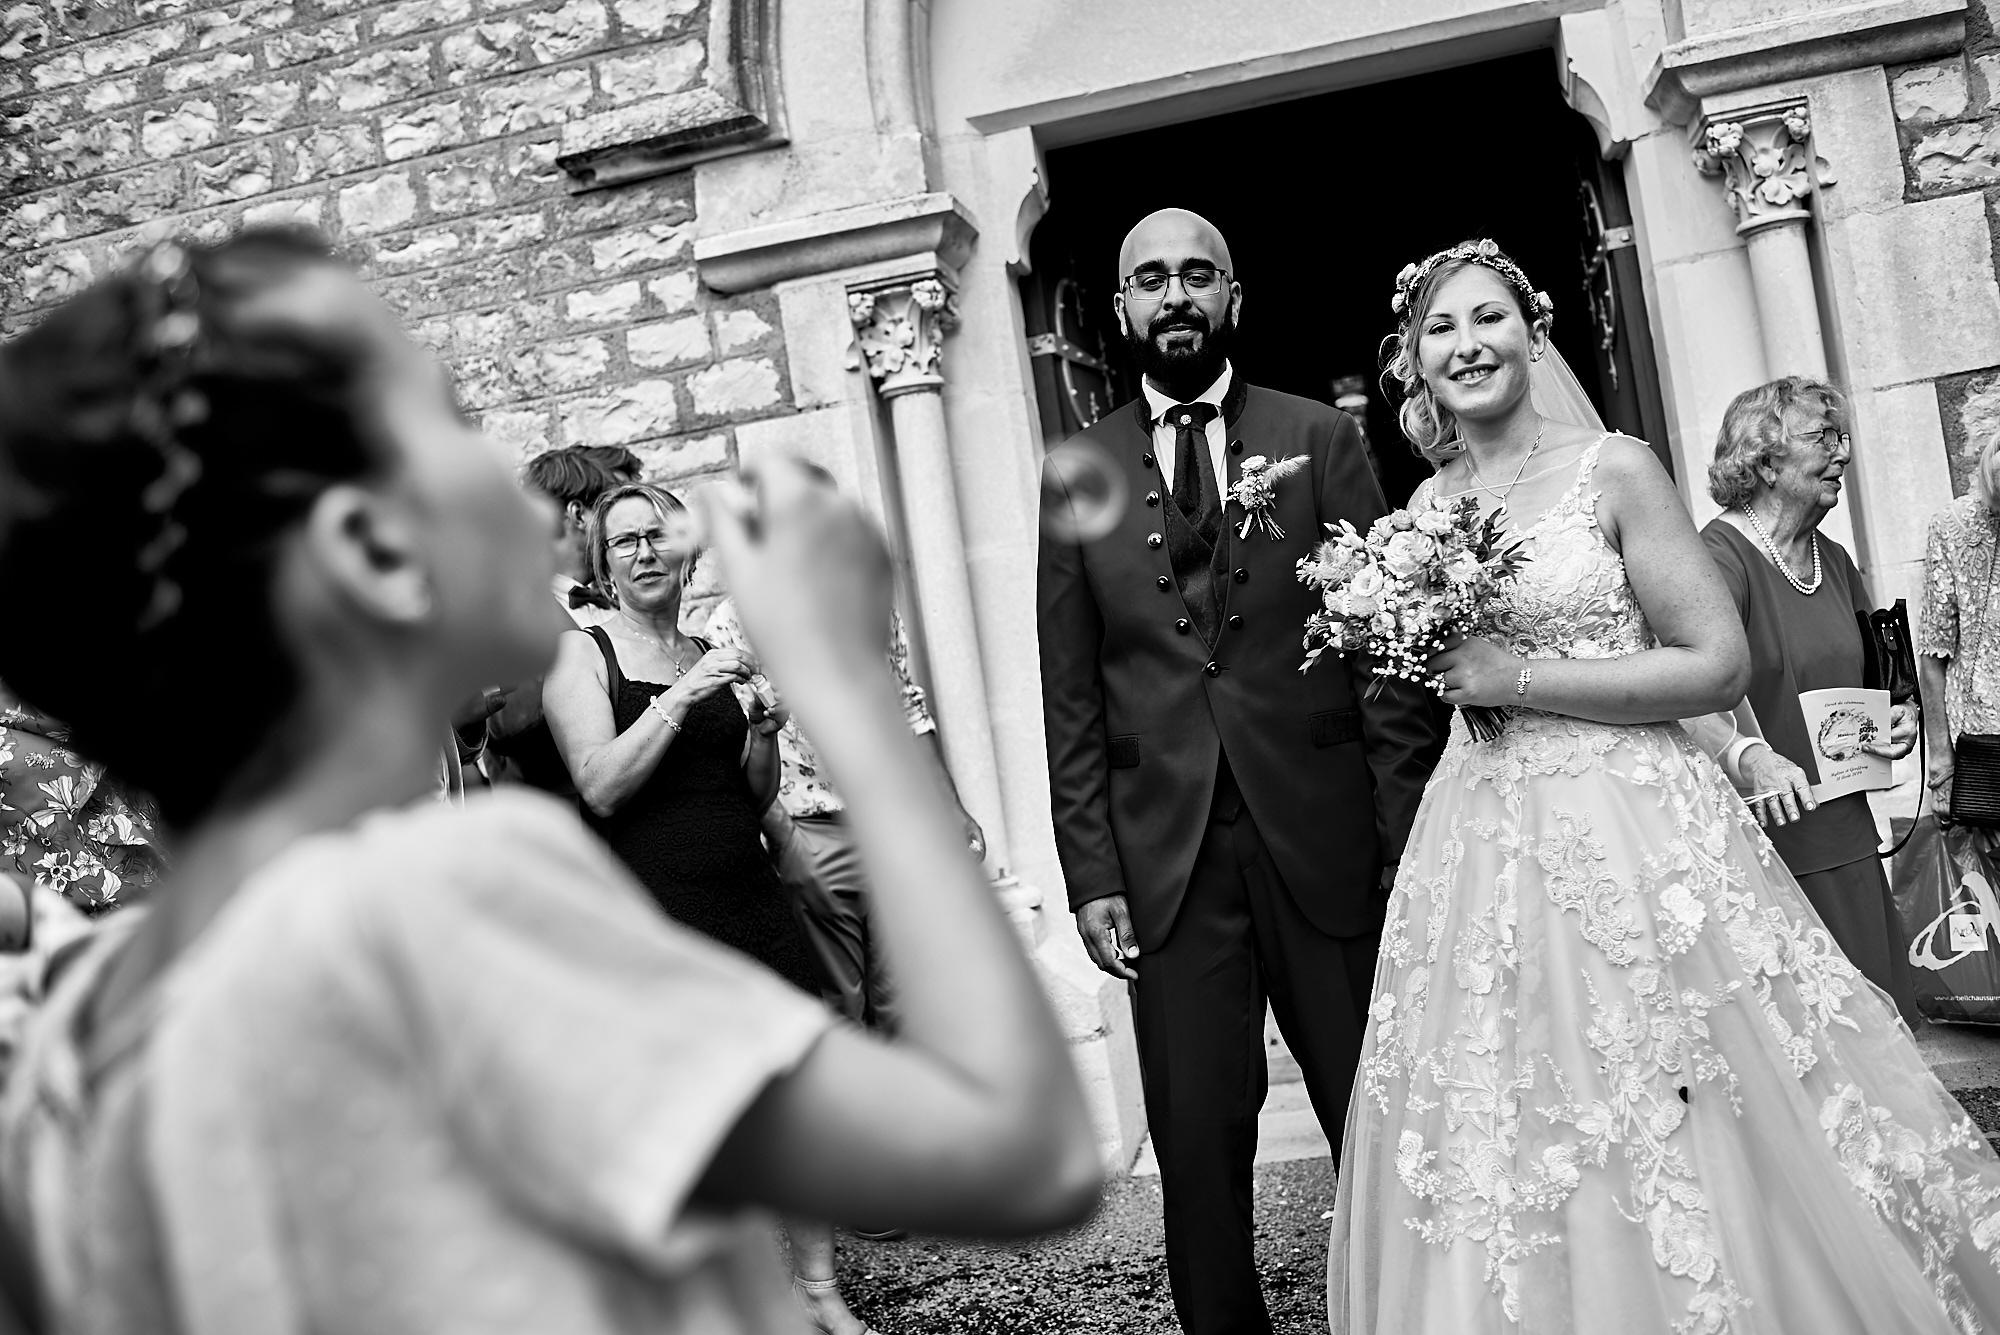 Photographe de mariage à Auxerre en Bourgogne-Franche-Comté | Sortie des mariés à l'église